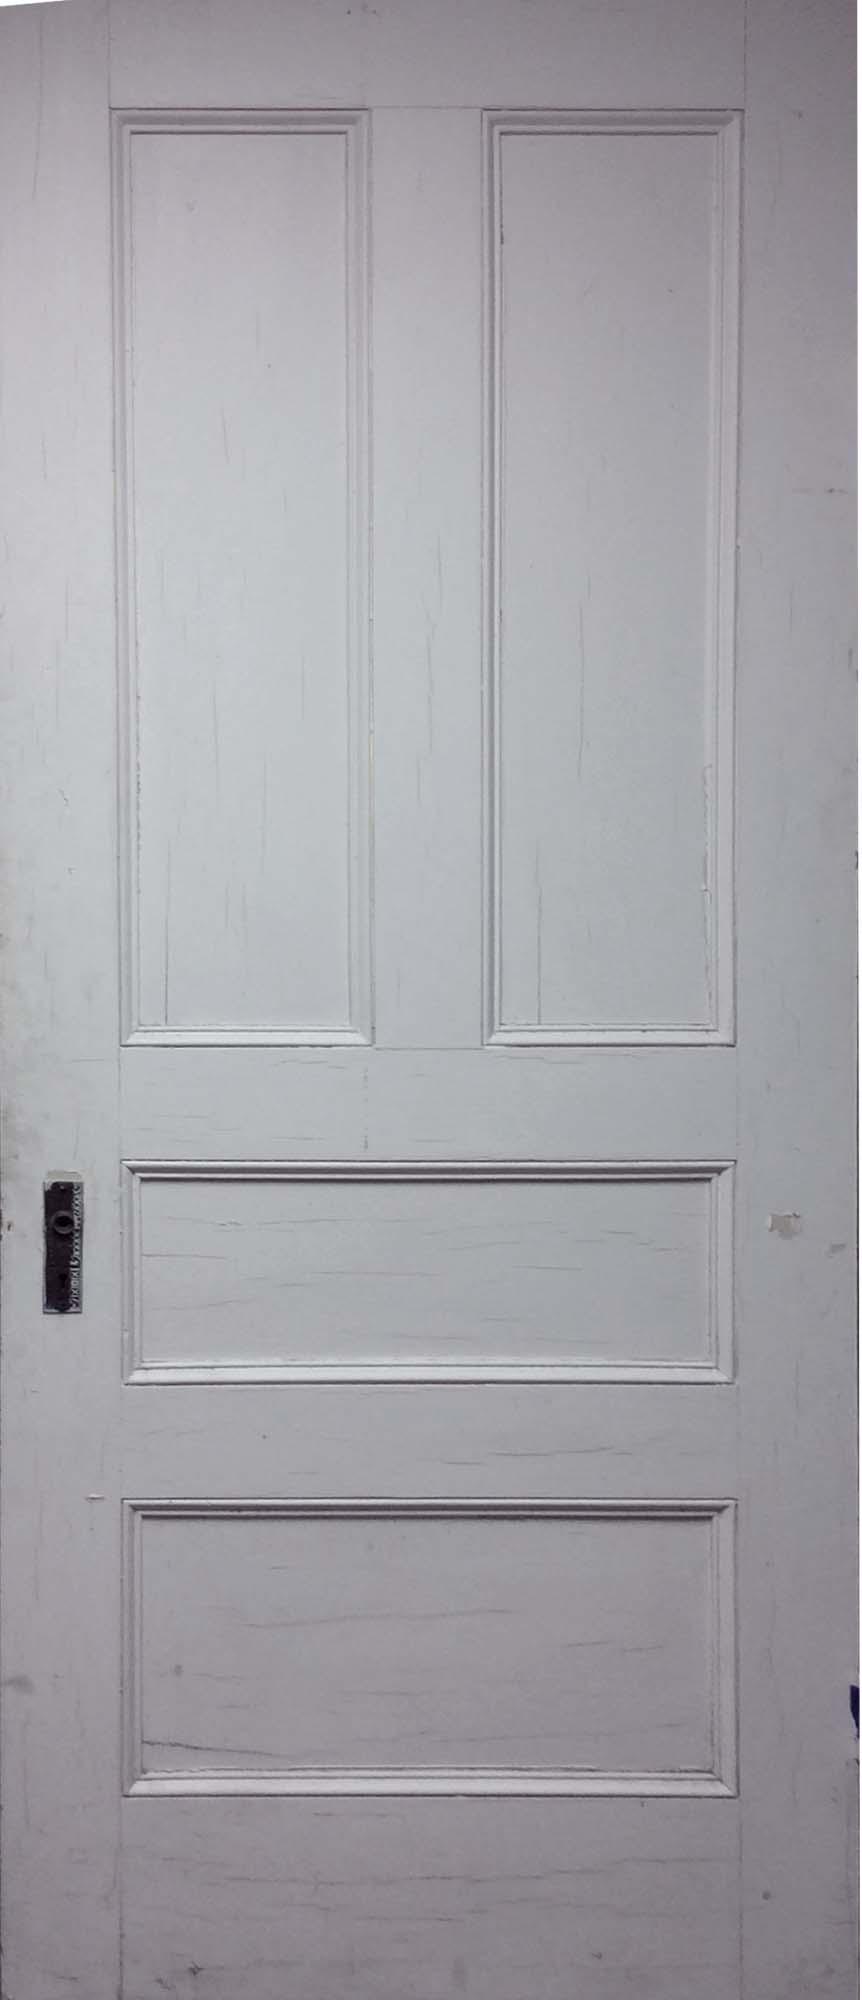 Early 4-Panel Doors